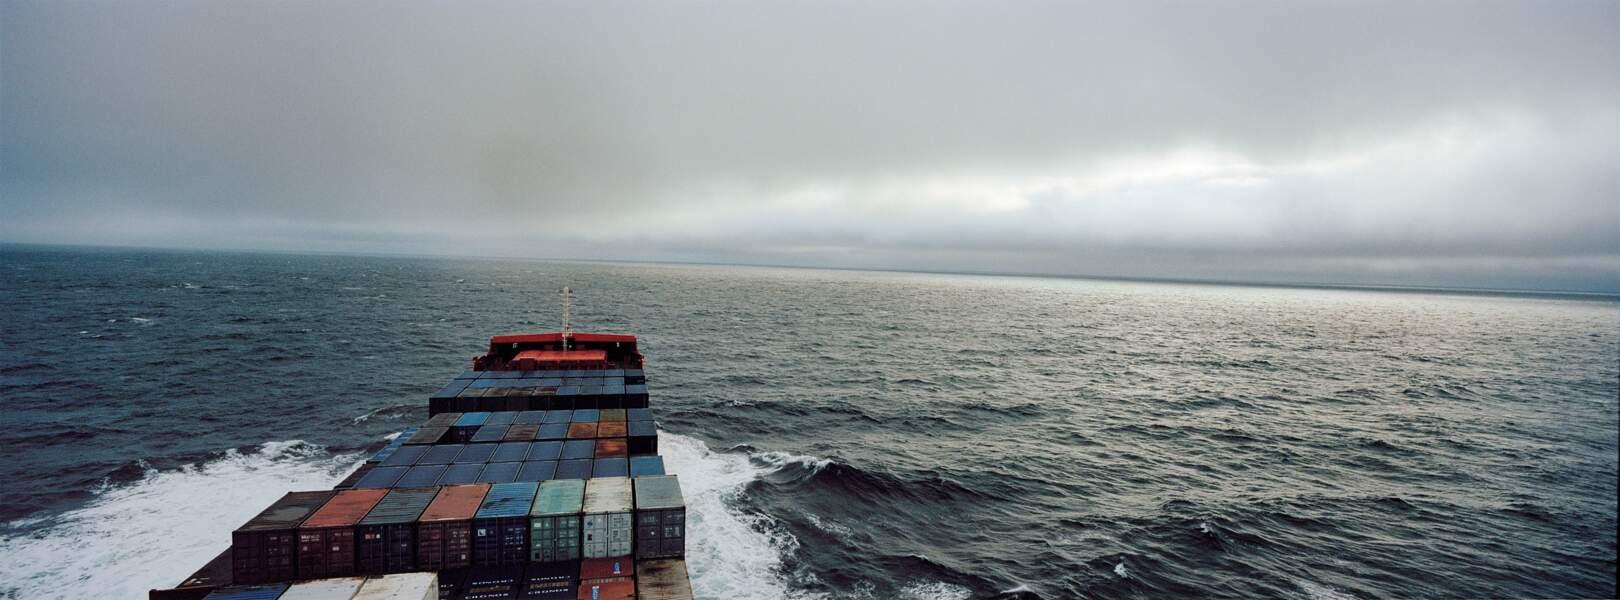 De nouvelles voies maritimes s'ouvrent en Oural arctique